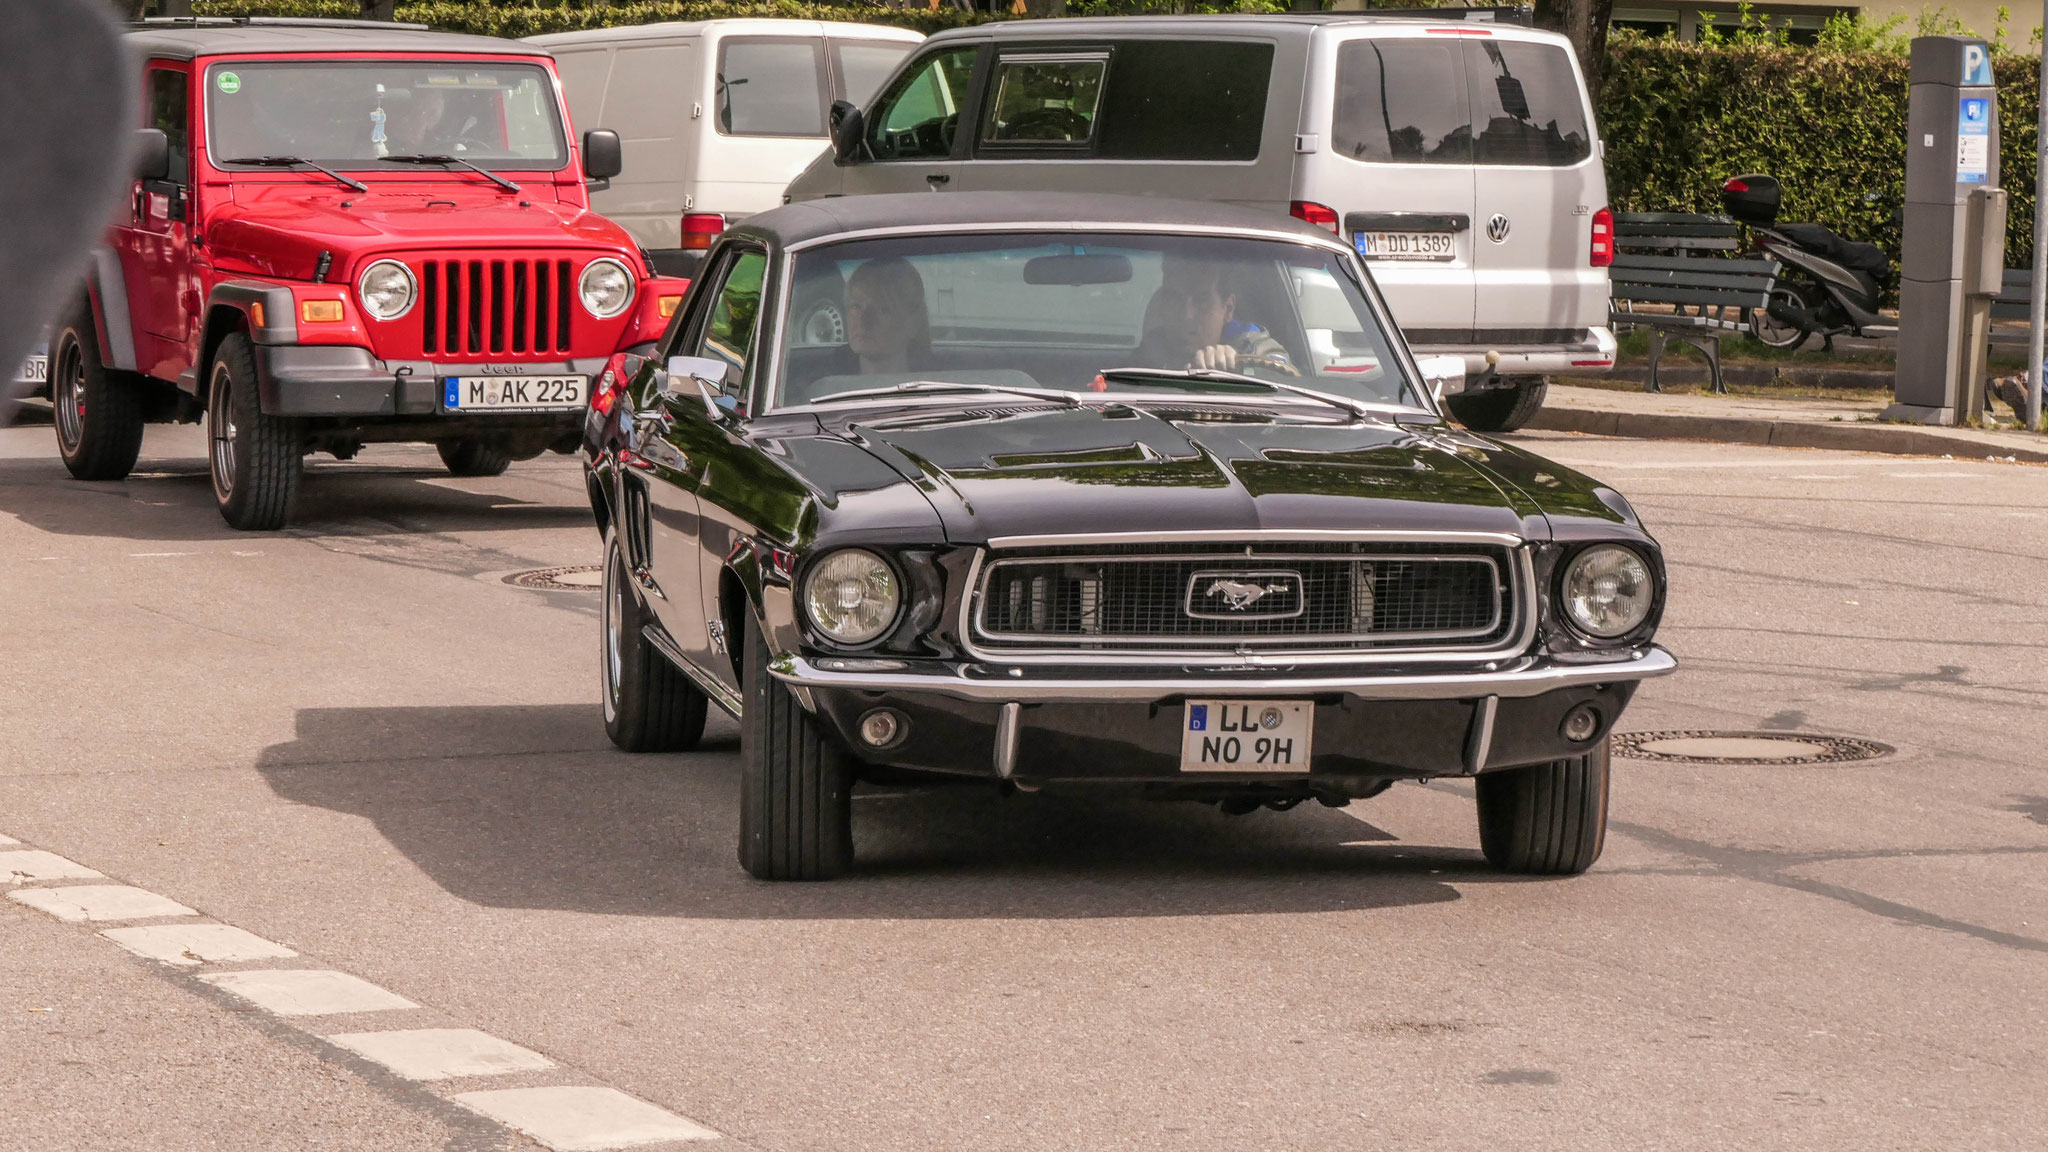 Mustang I - LL-NO-9H